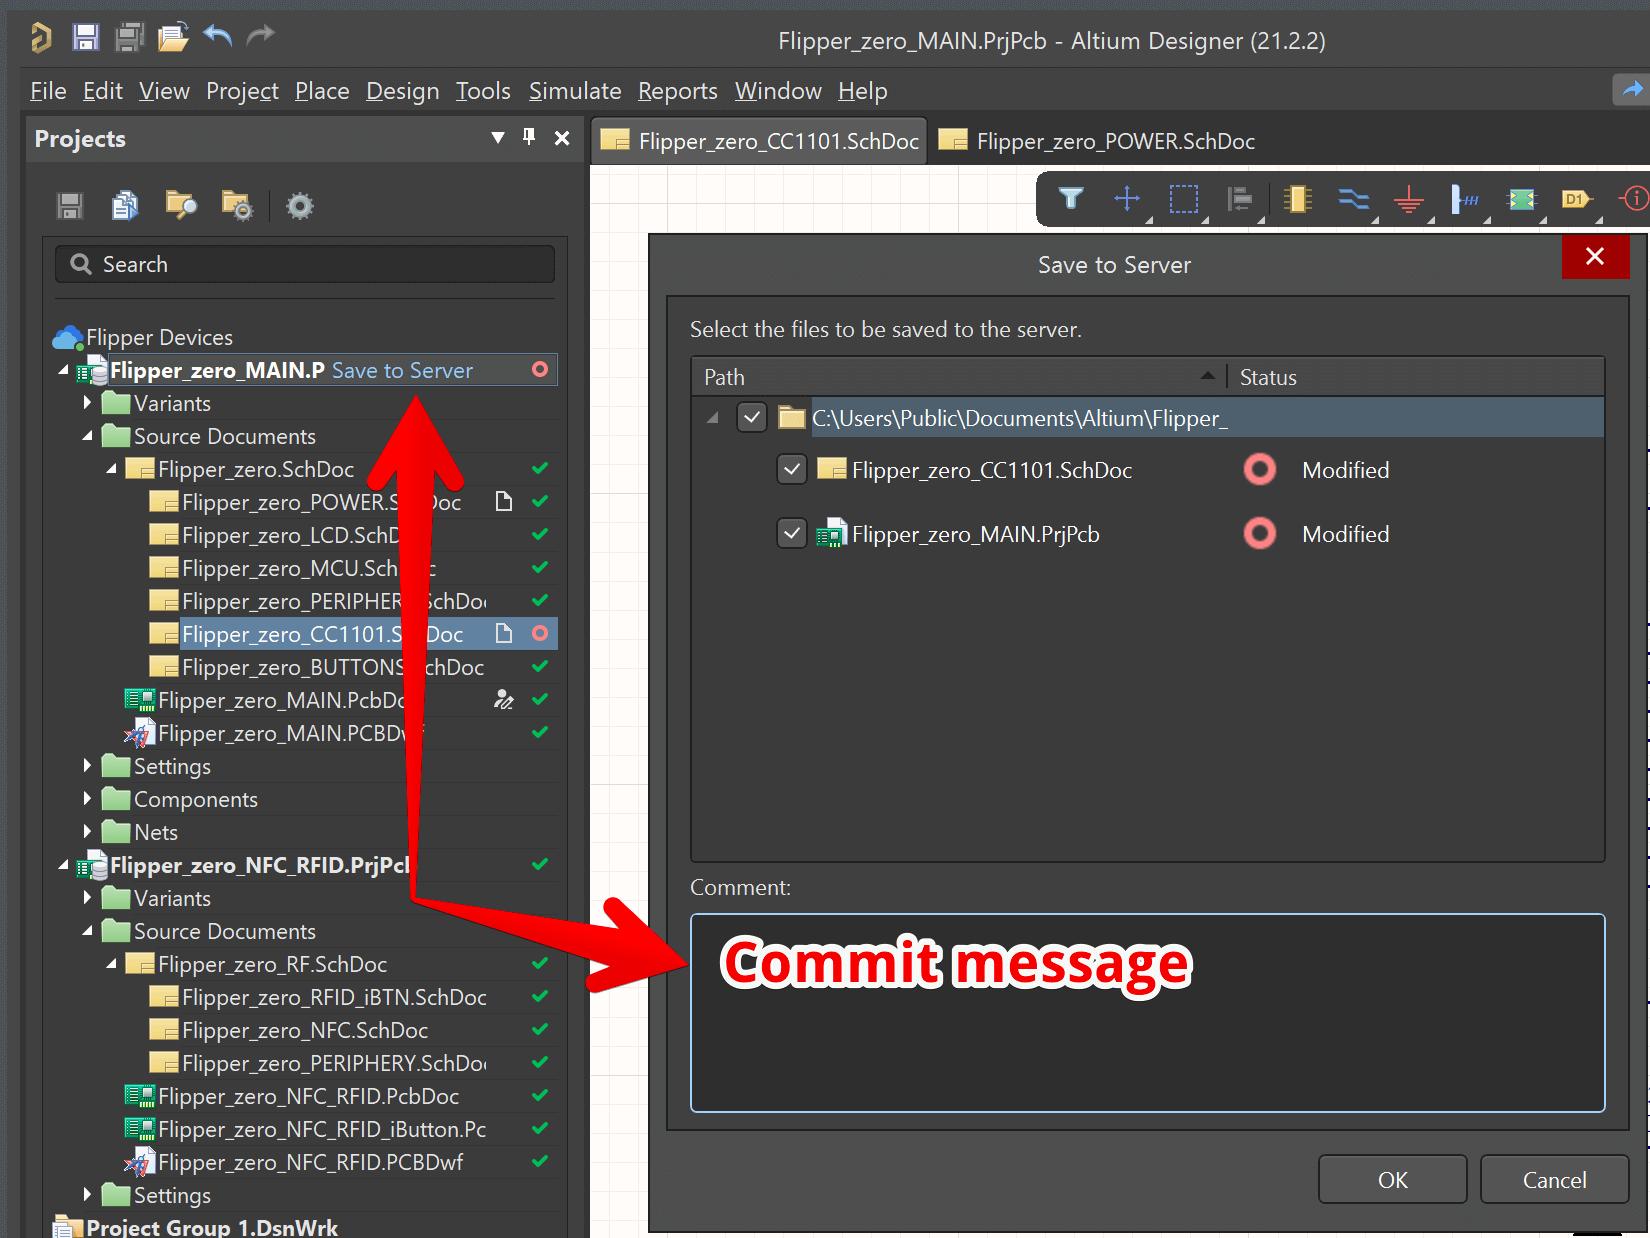 Сохранение изменений на сервер и описание изменений